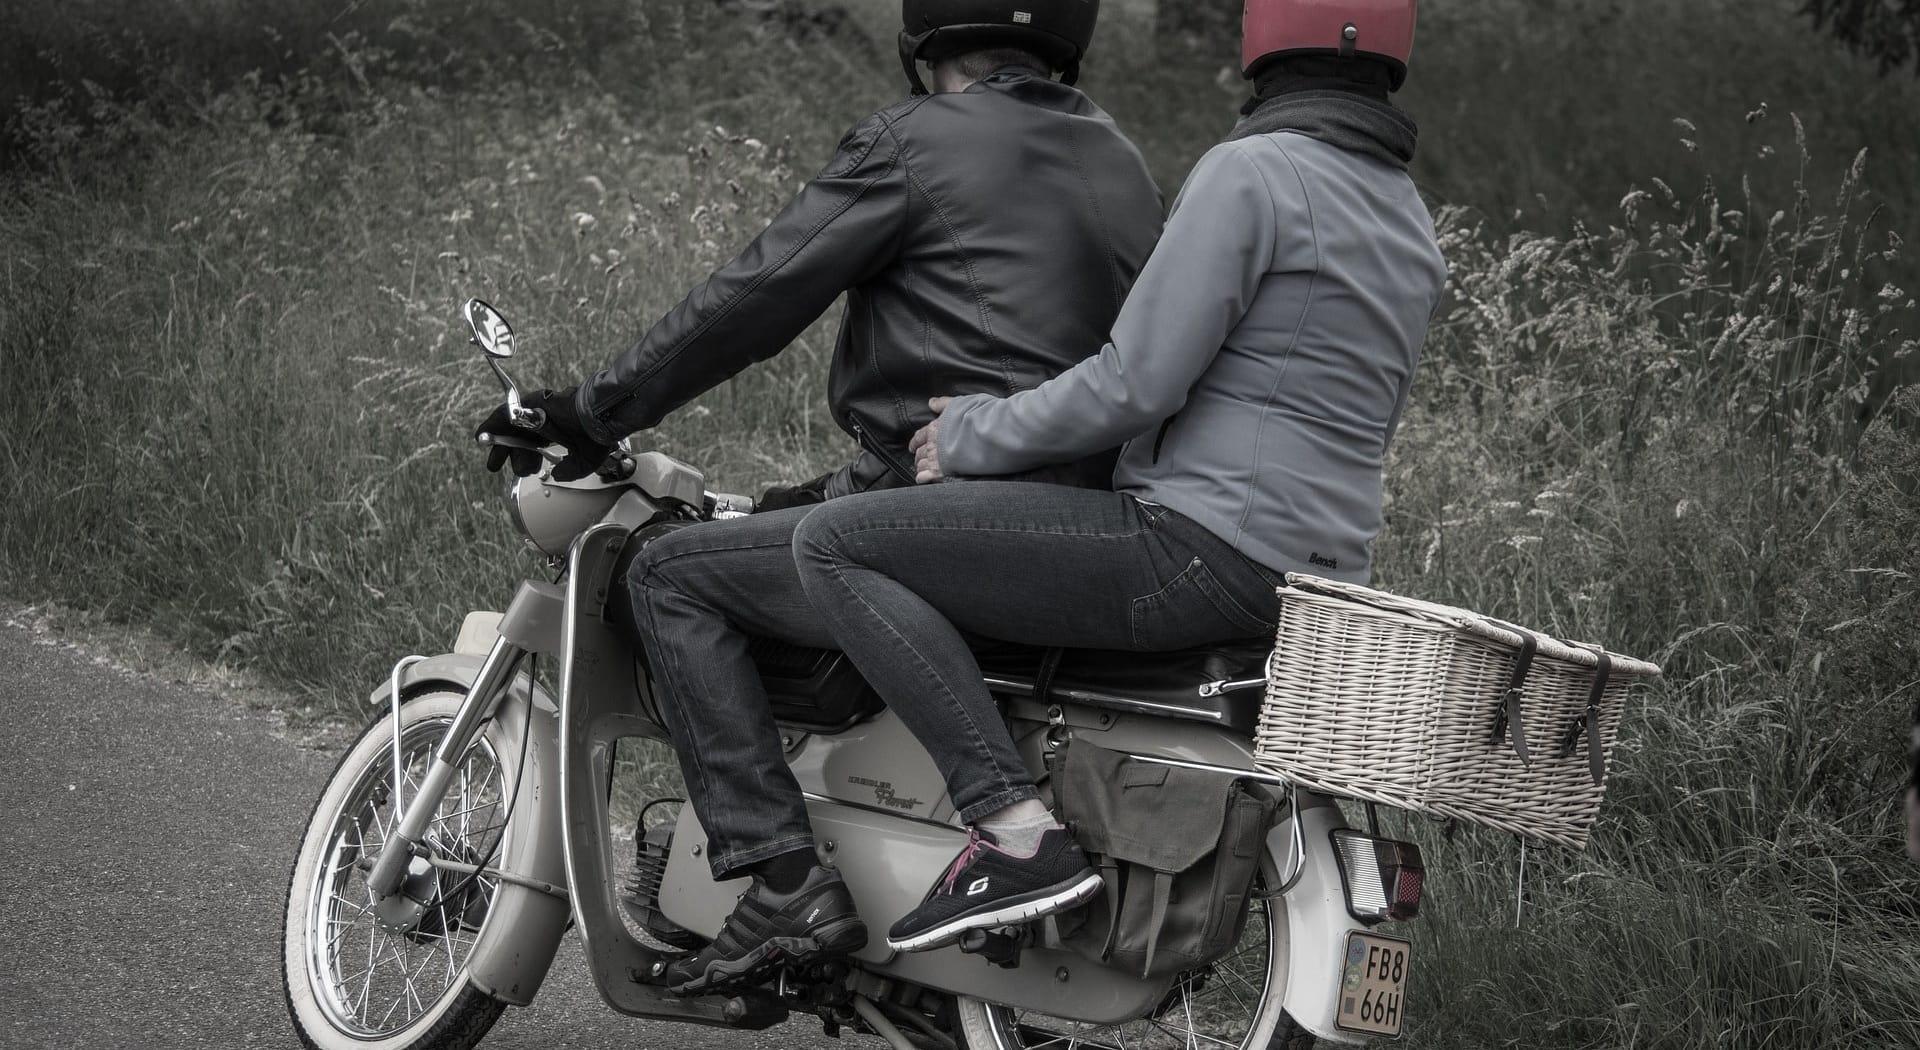 Skal du kreve erstatning etter mopedulykke, er det viktig å få god bistand.